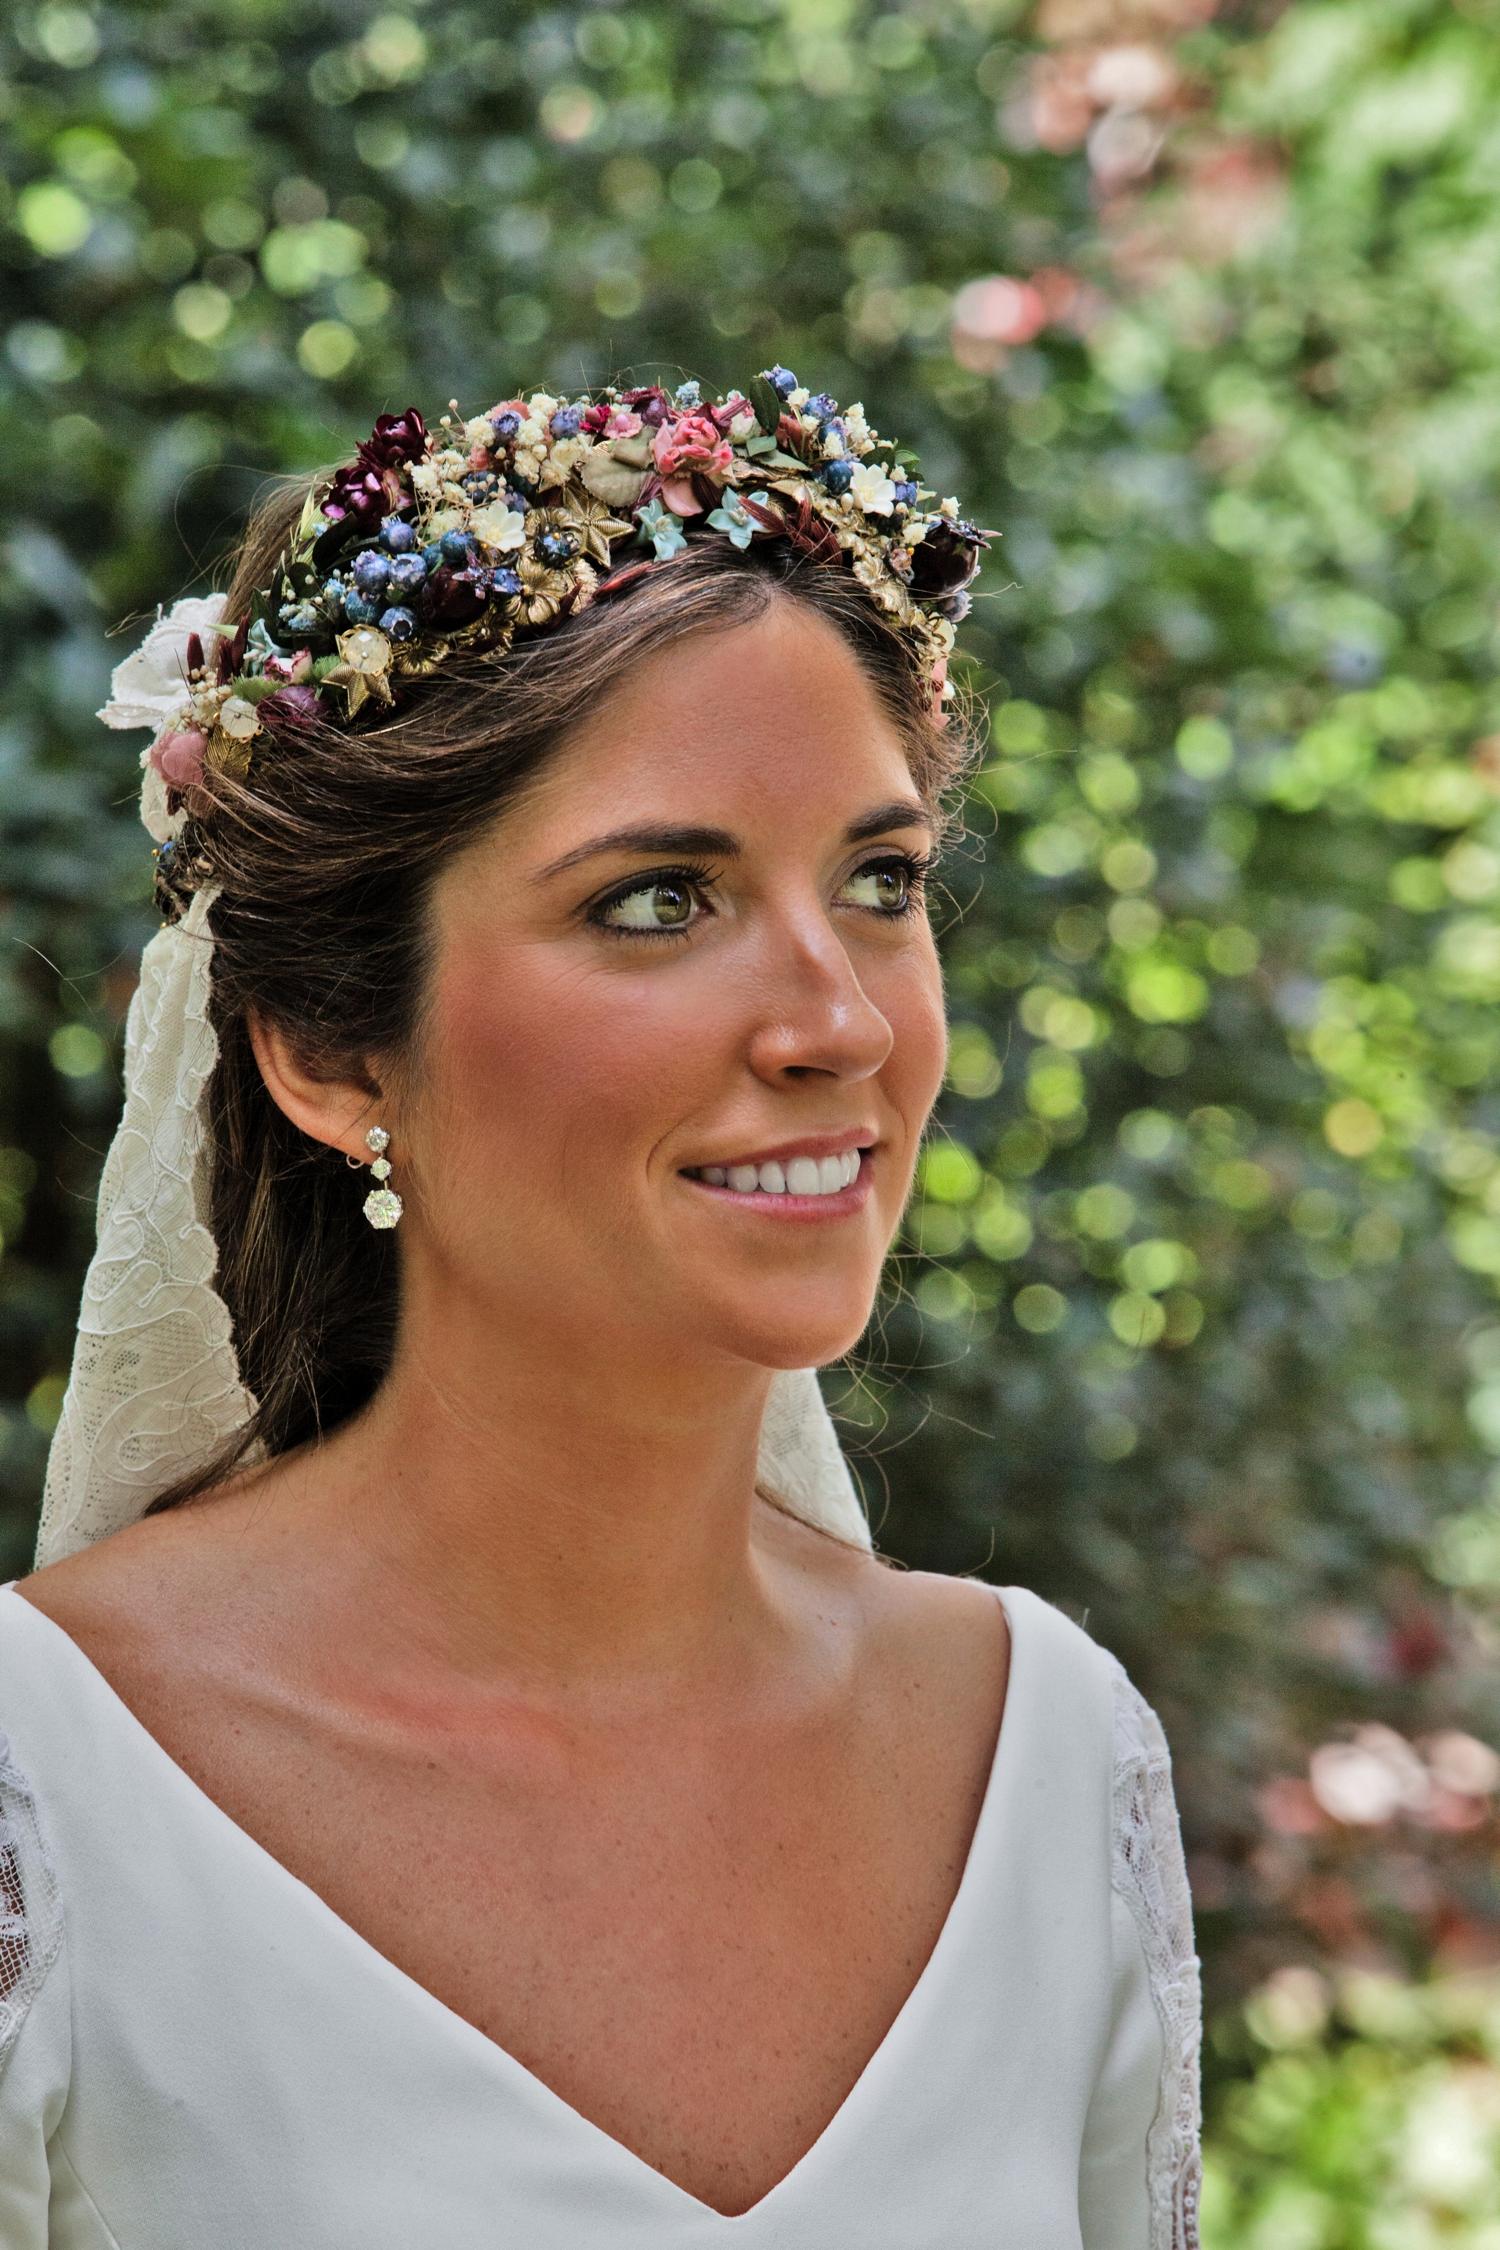 bodas-made-in-style-vestido-de-novia-navascues-corona-flores-sumacruz